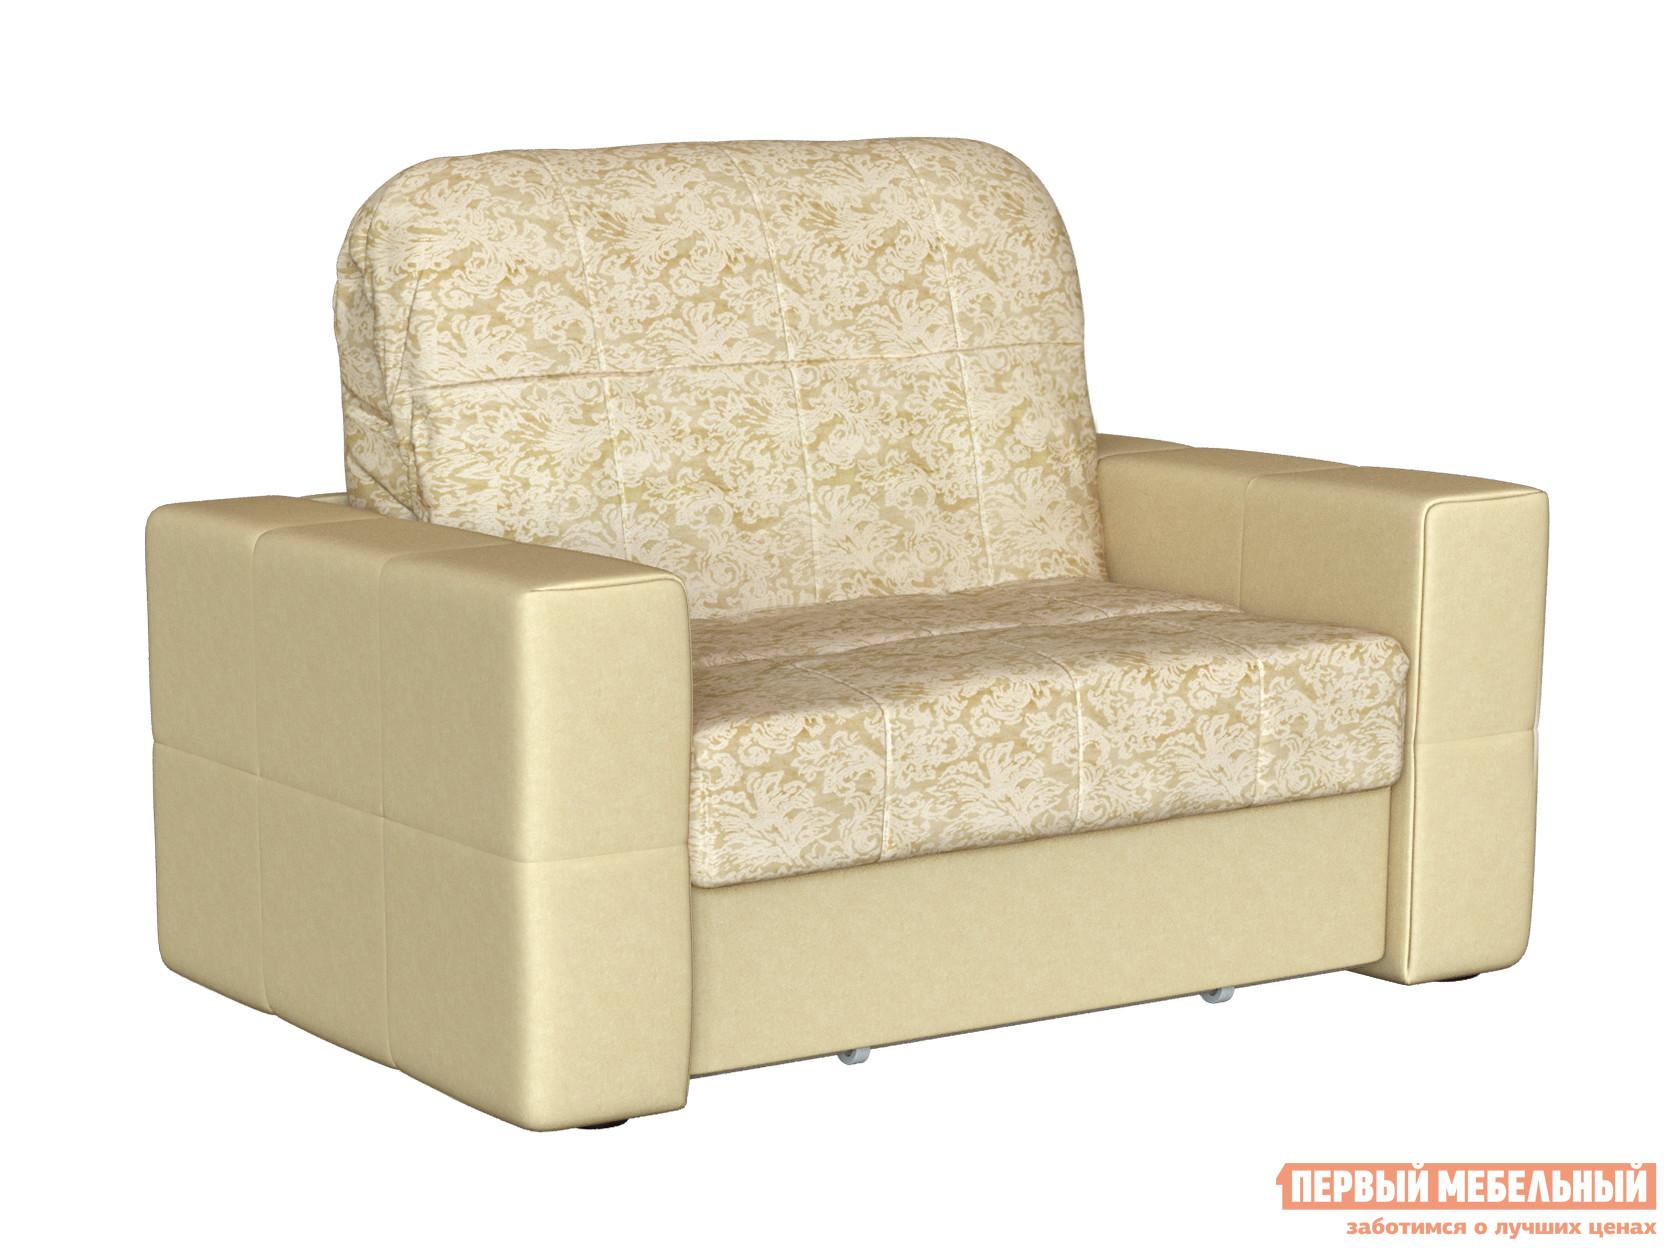 Кресло-кровать Первый Мебельный Марио кресло кровать первый мебельный марио люкс